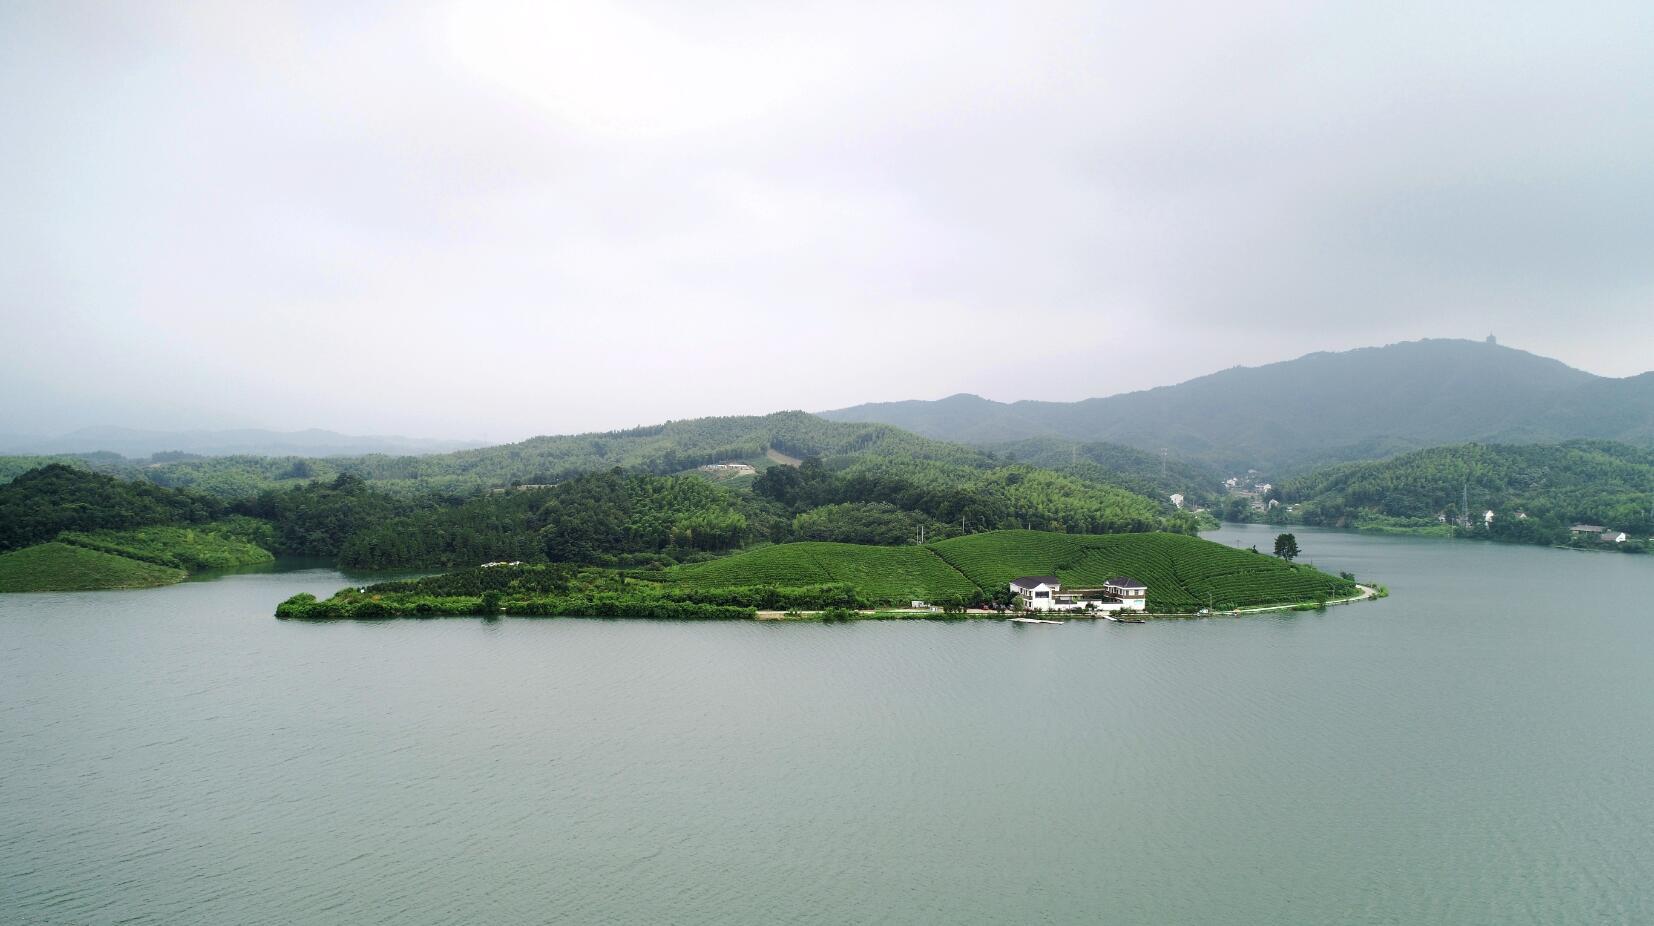 详情  7月7日,安徽省郎溪县南部山区的天子门水库湖光山色,风景如画.